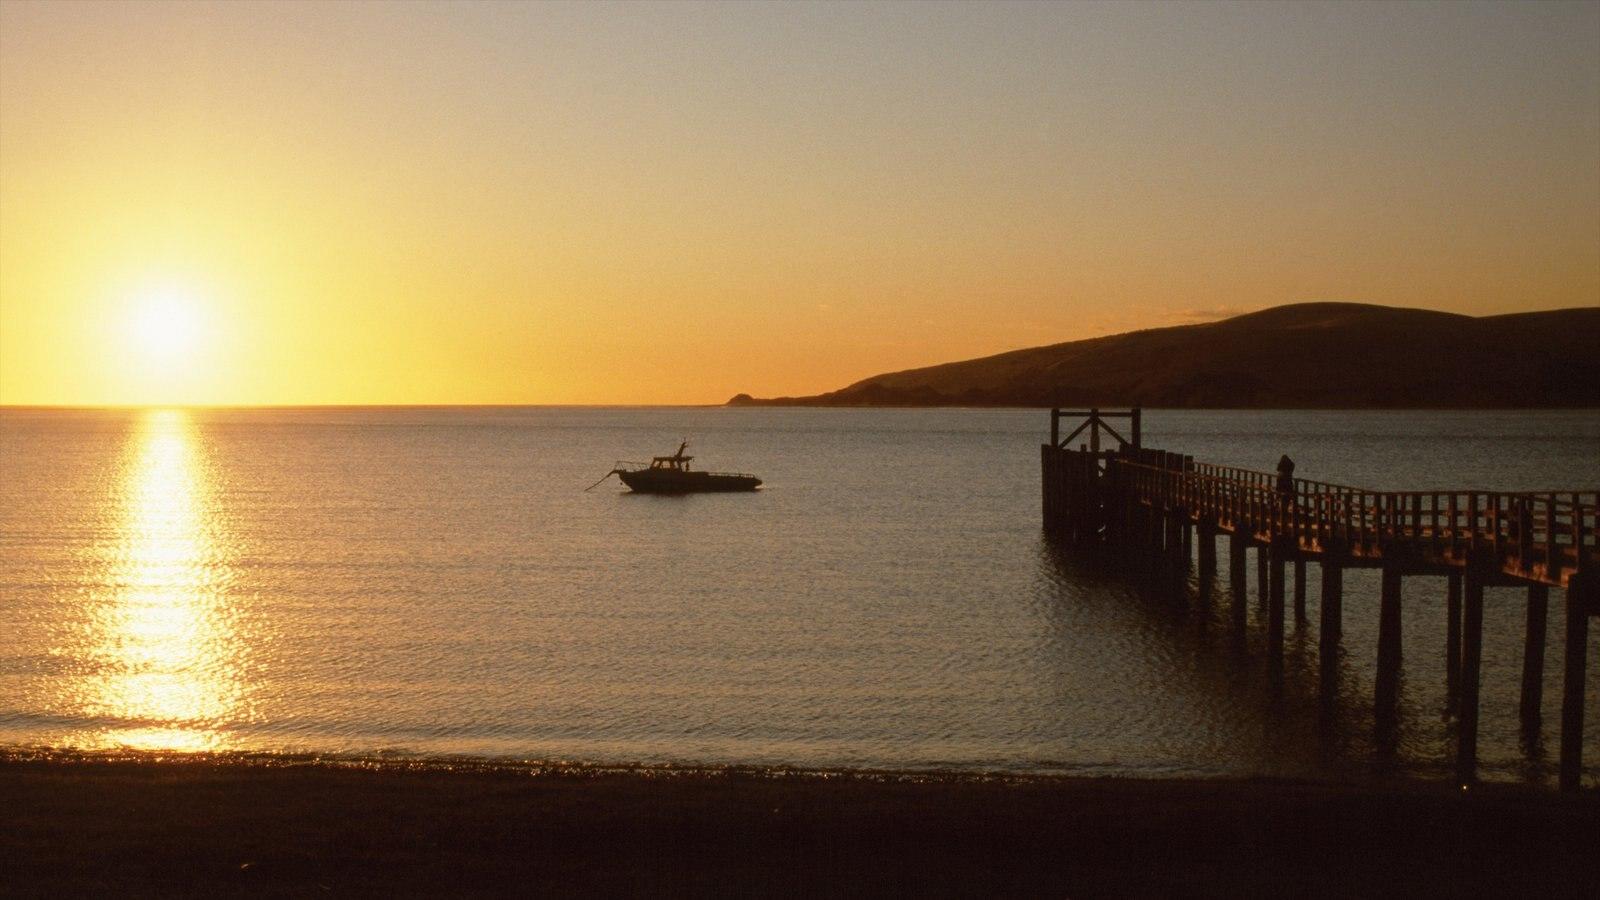 Hokianga Harbour ofreciendo vistas de paisajes, vistas generales de la costa y una puesta de sol